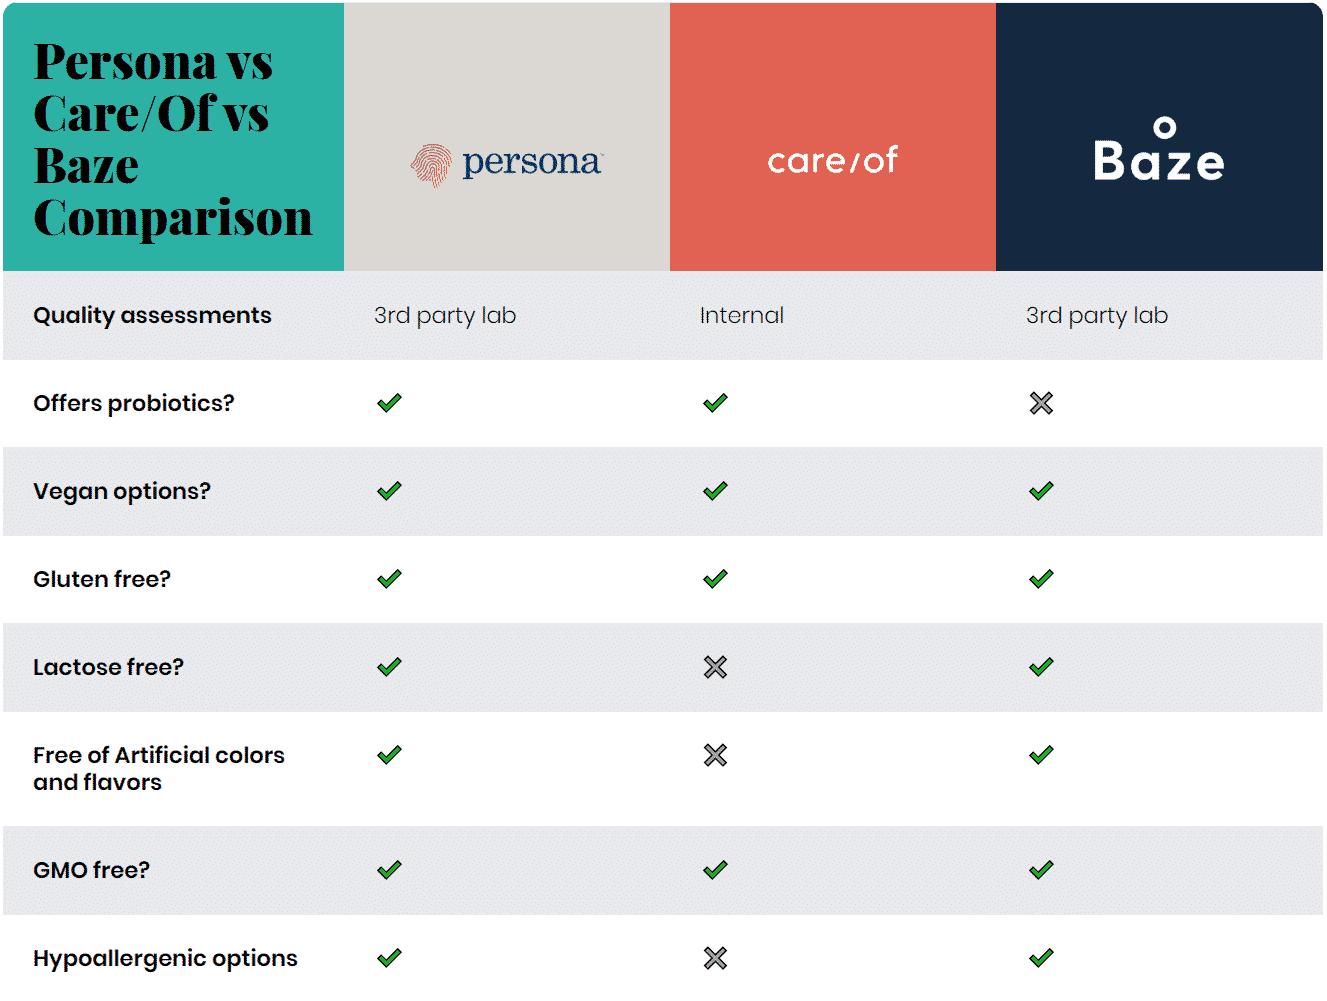 Persona vs Care/Of vs Baze: Personalized Vitamin Price Comparison